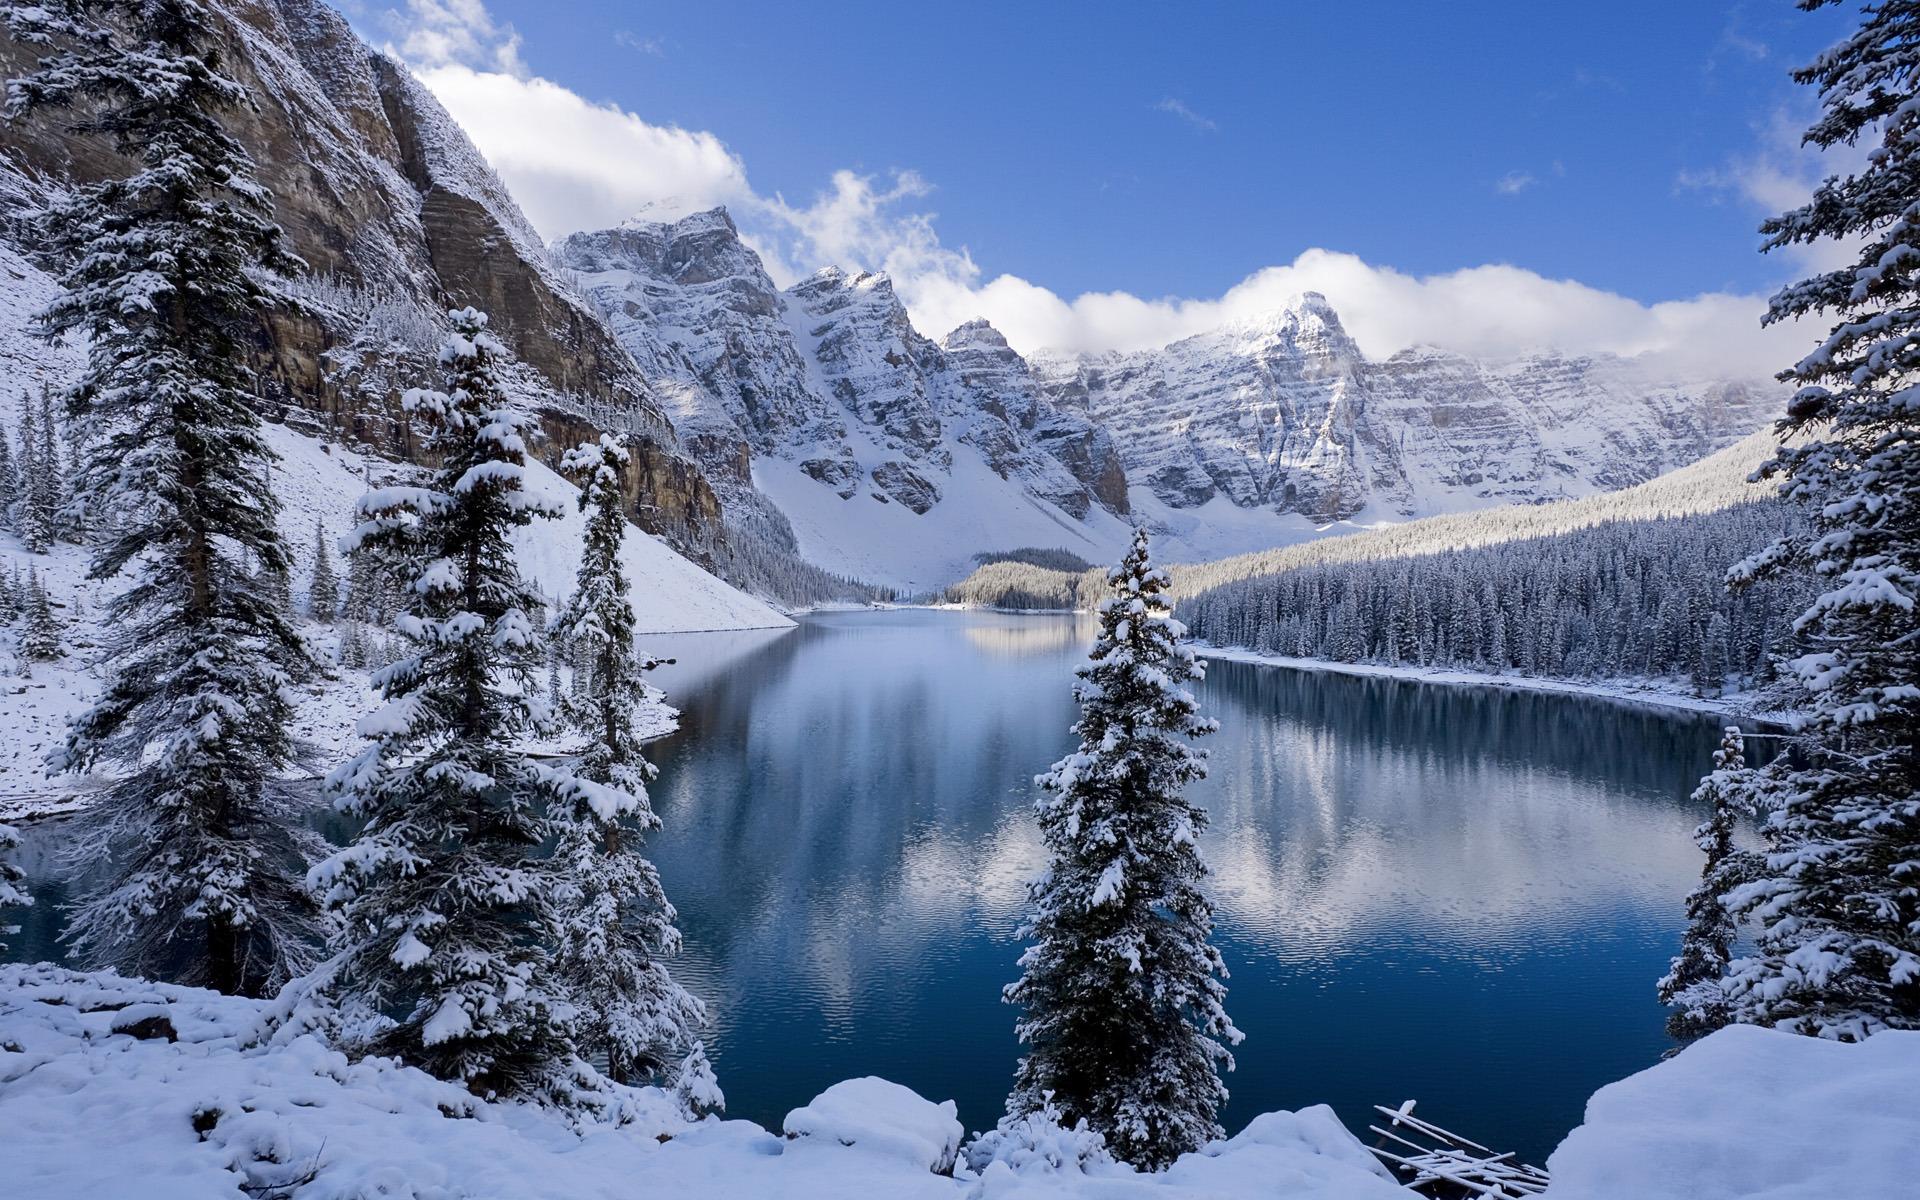 картинки зимние пейзажи красивые на рабочий стол